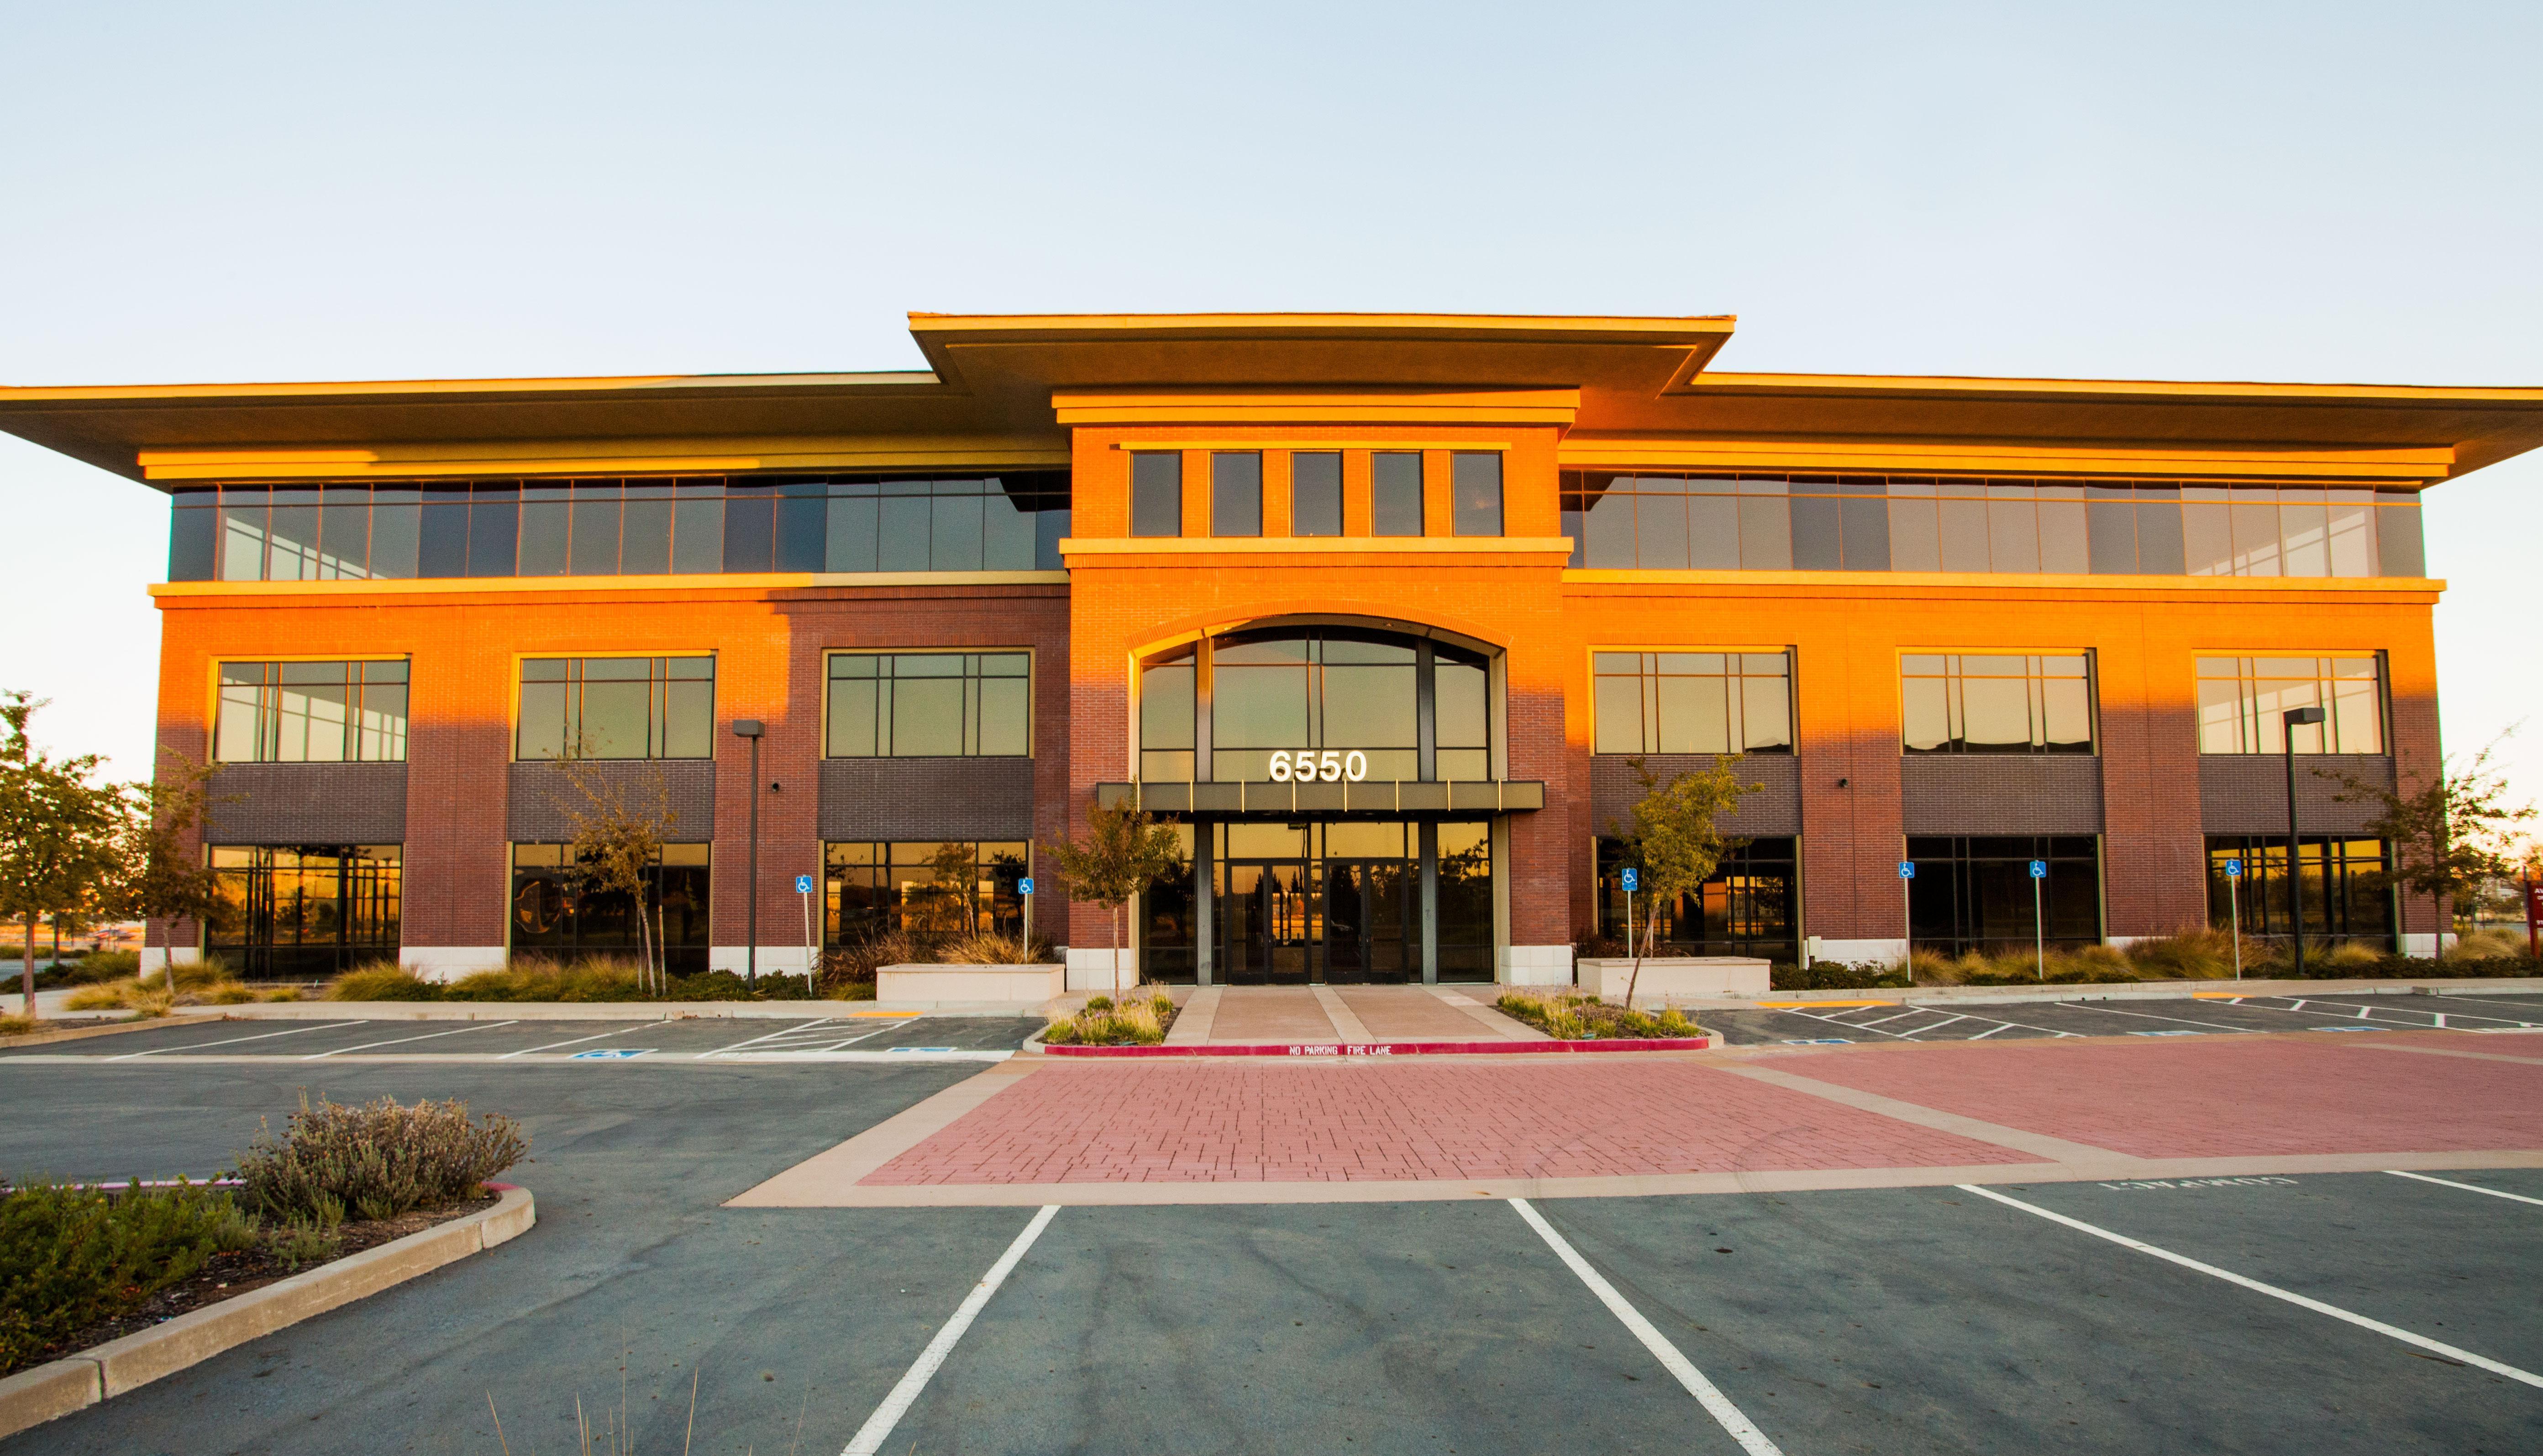 Rocklin Academy Gateway building 6550